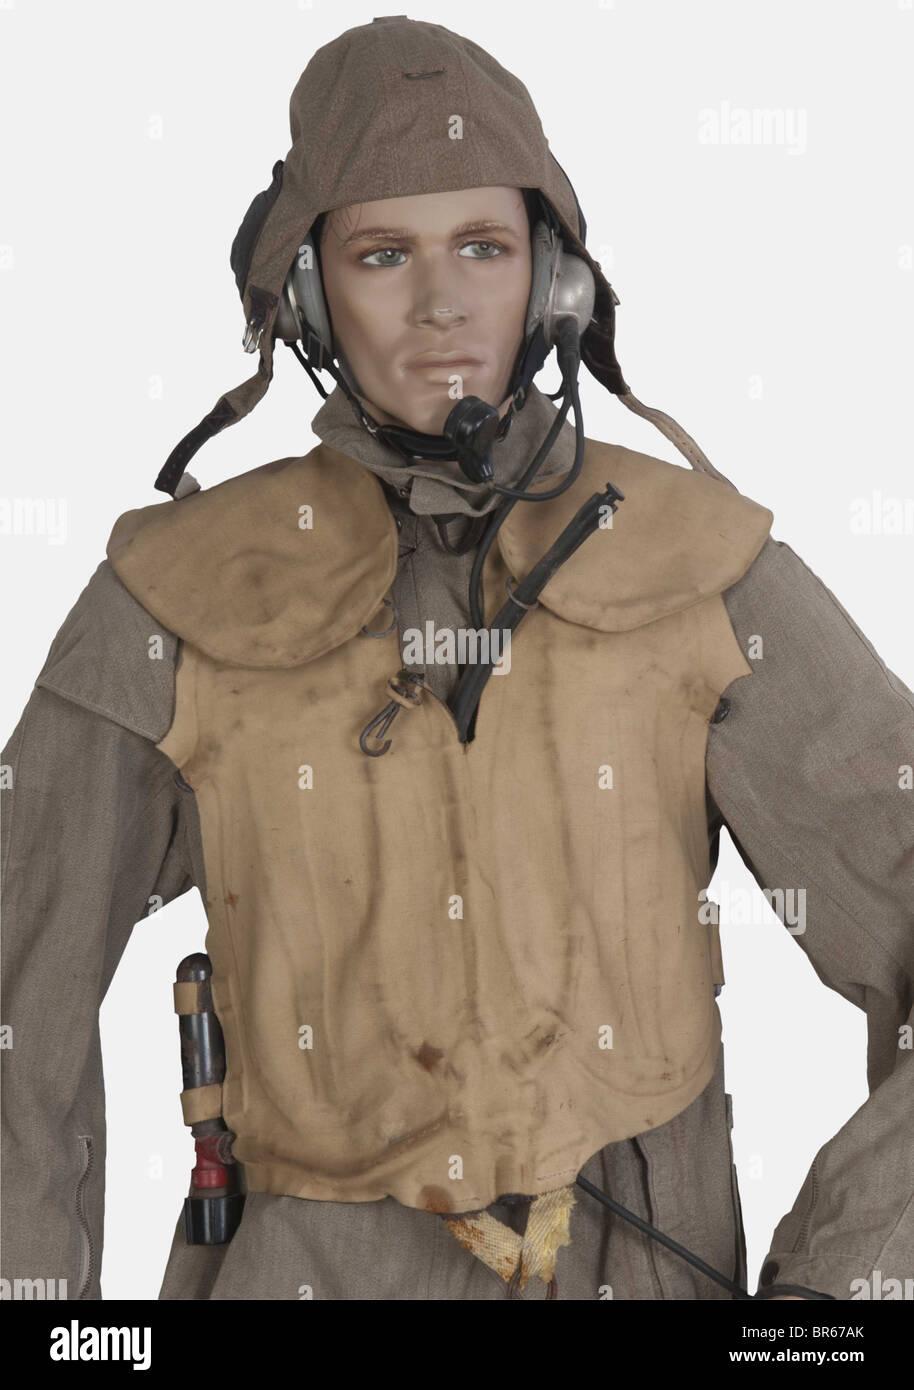 LUFTWAFFE, pilote de bombardier de la Luftwaffe, sur mannequin, comprenant un serre-tête modèle 101 LKPS Photo Stock